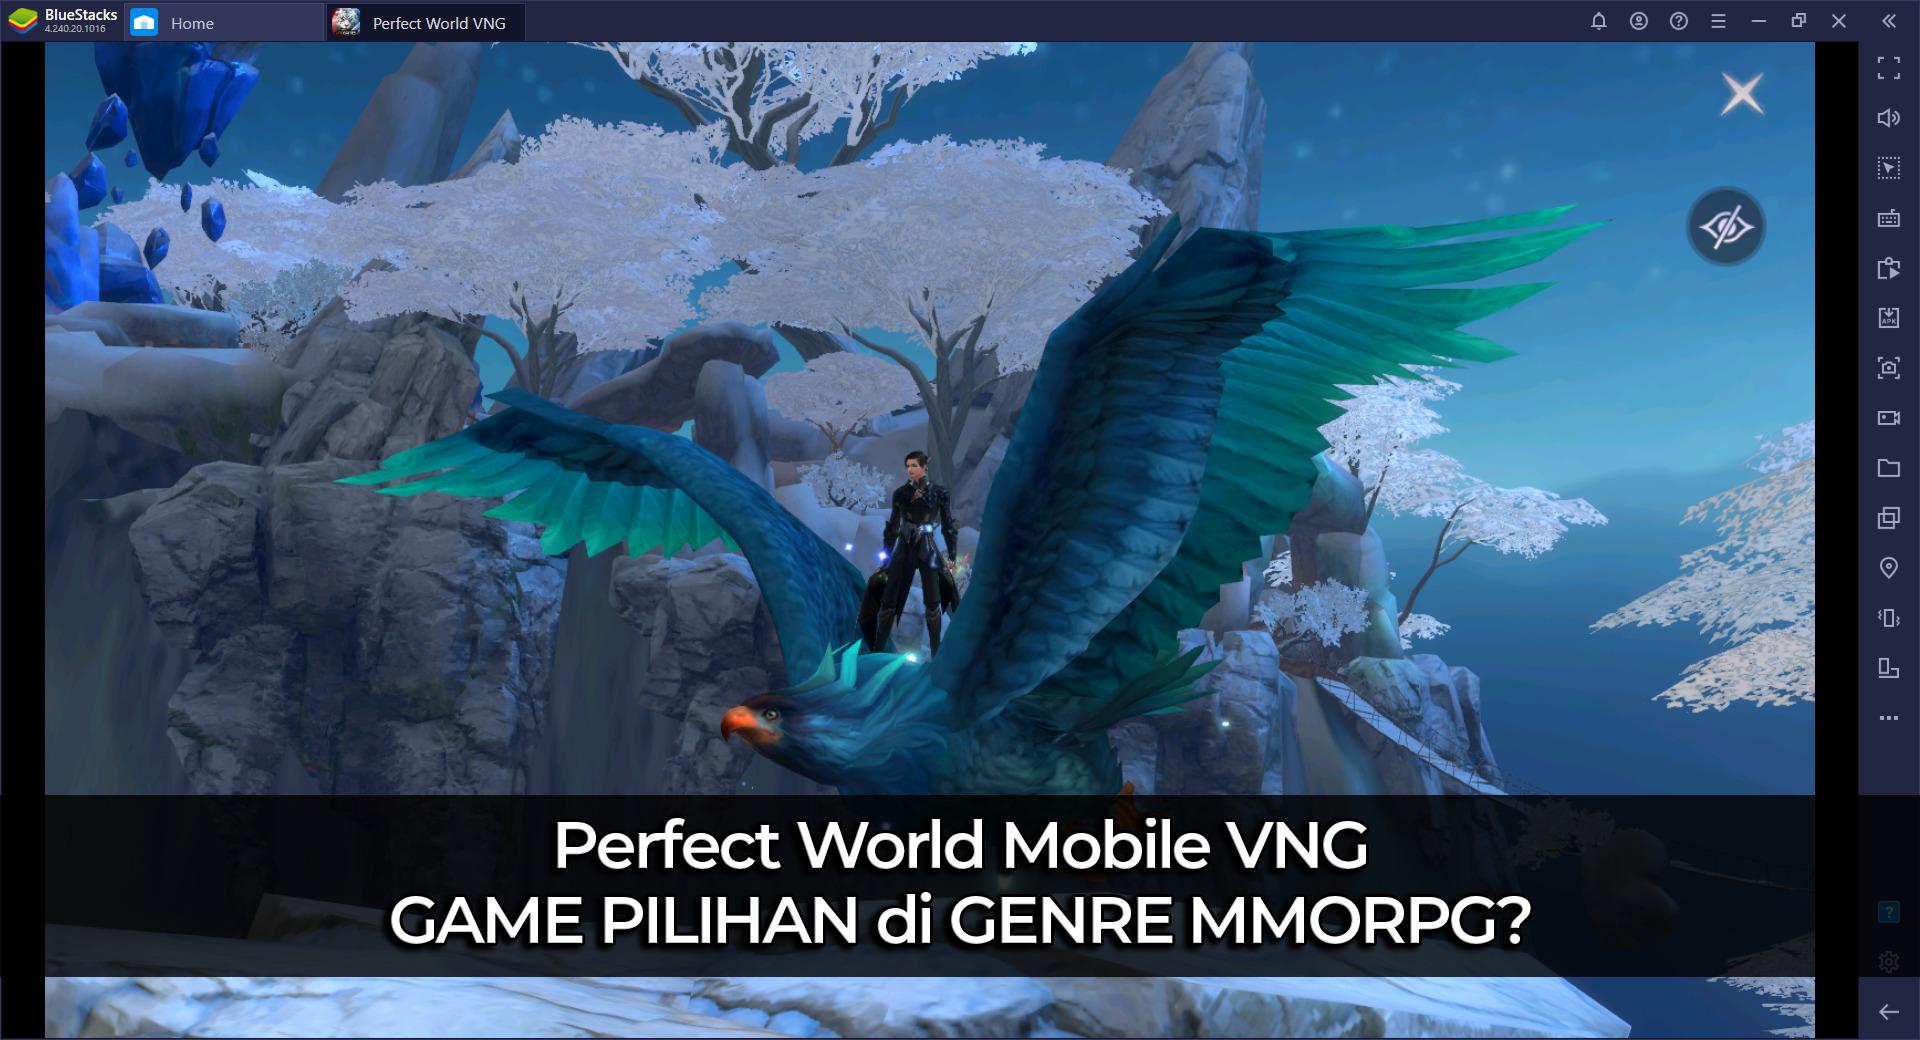 Perfect World Mobile VNG, menjadi game pilihan BlueStacks untuk MMORPG?